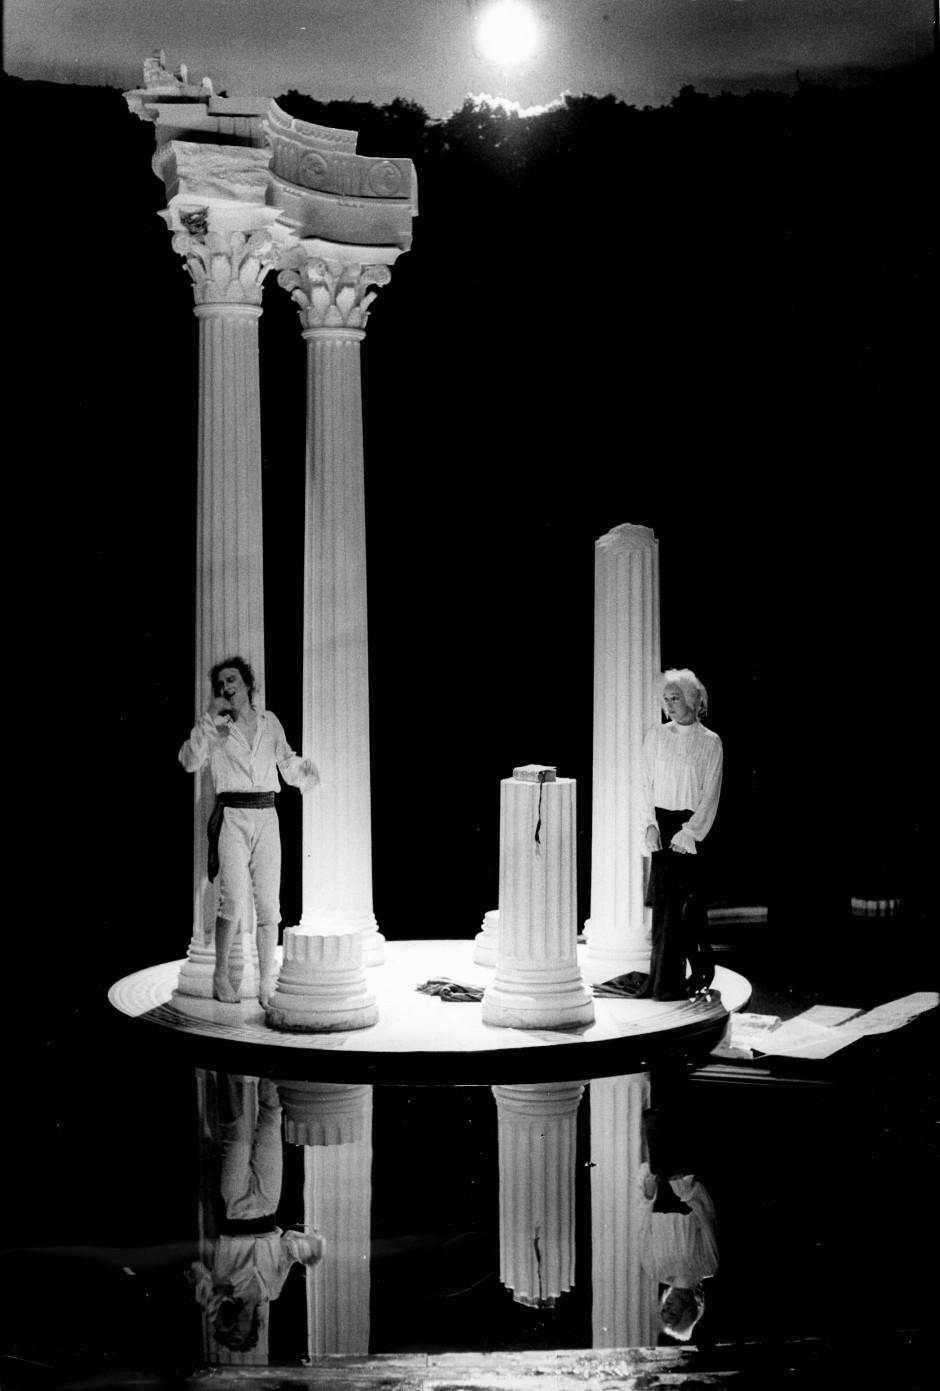 """Im perfekten Paradies: Für das Marivaux-Stück """"Der Triumph der Liebe"""" hat Karl-Ernst Herrmann 1985 den Tempel von Delphi auf ein Inselchen im Teich gesetzt."""